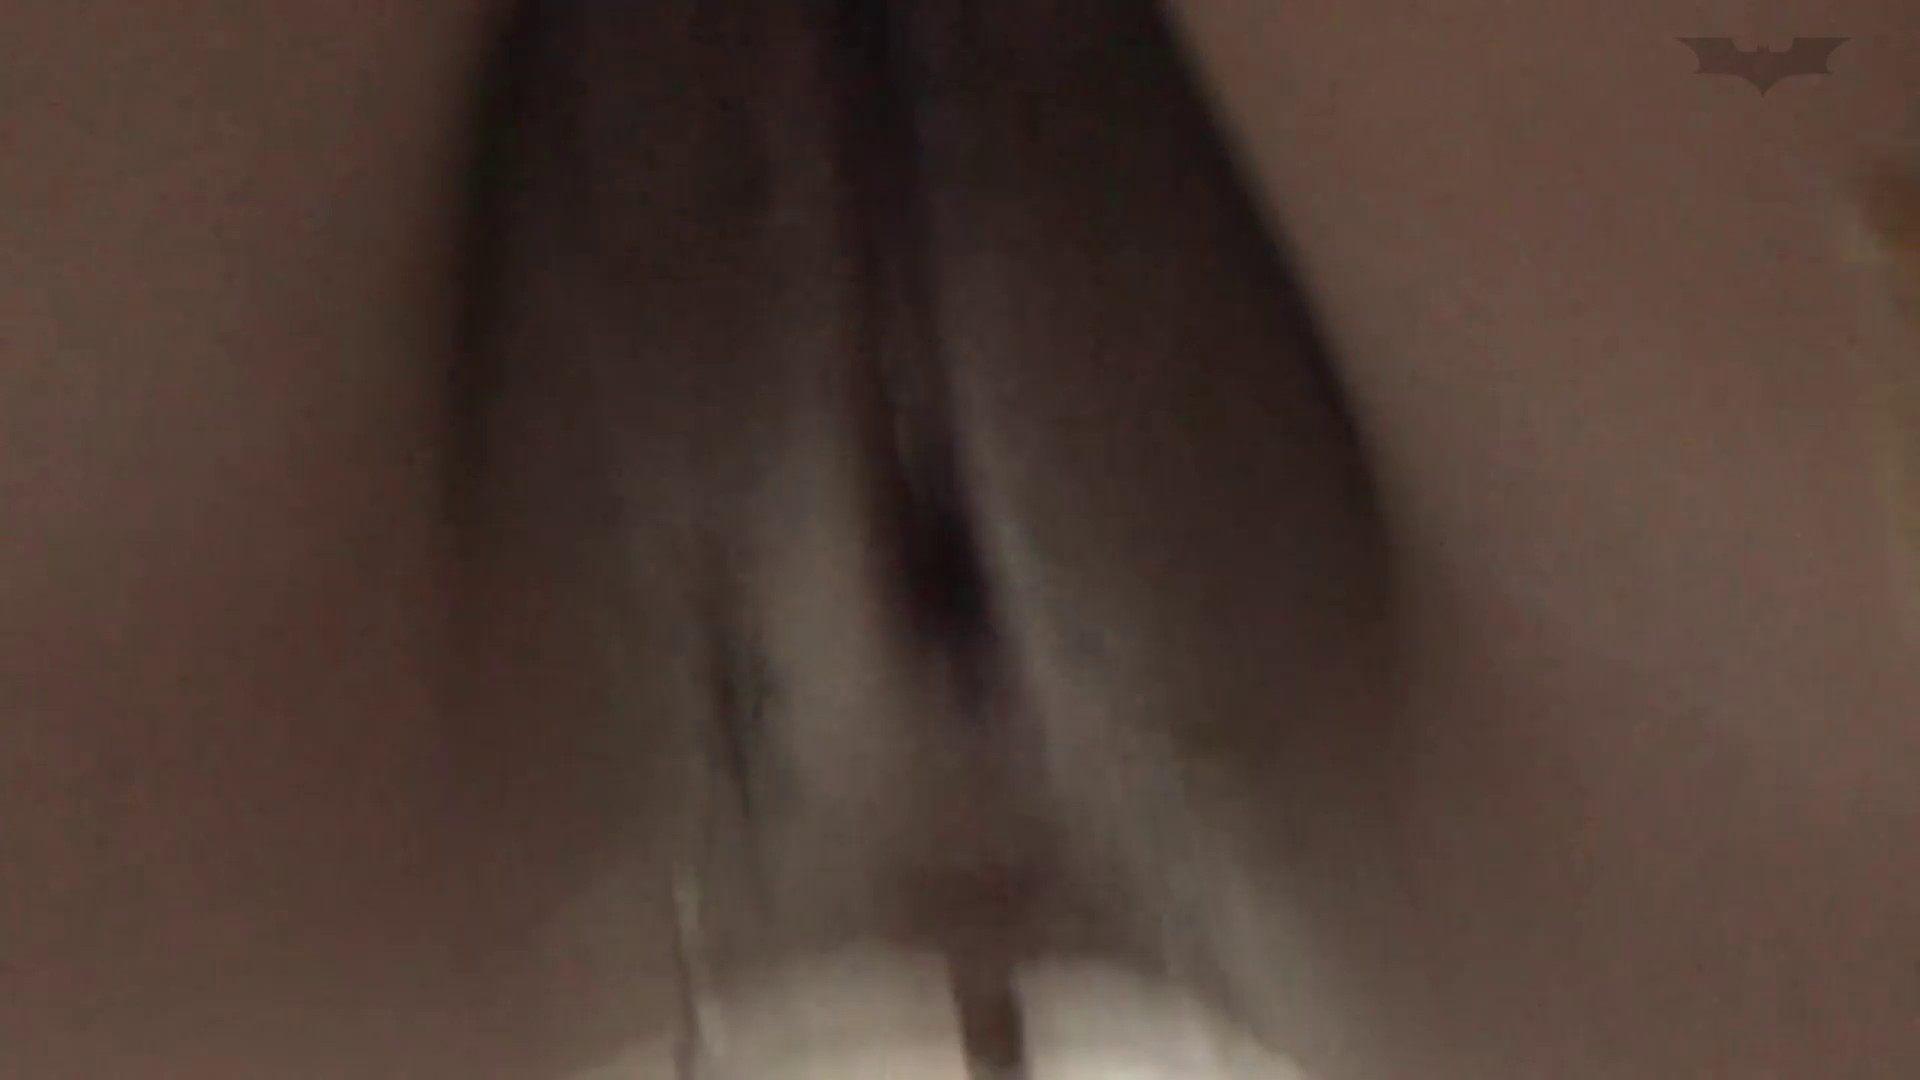 JD盗撮 美女の洗面所の秘密 Vol.44 美肌 われめAV動画紹介 56画像 17